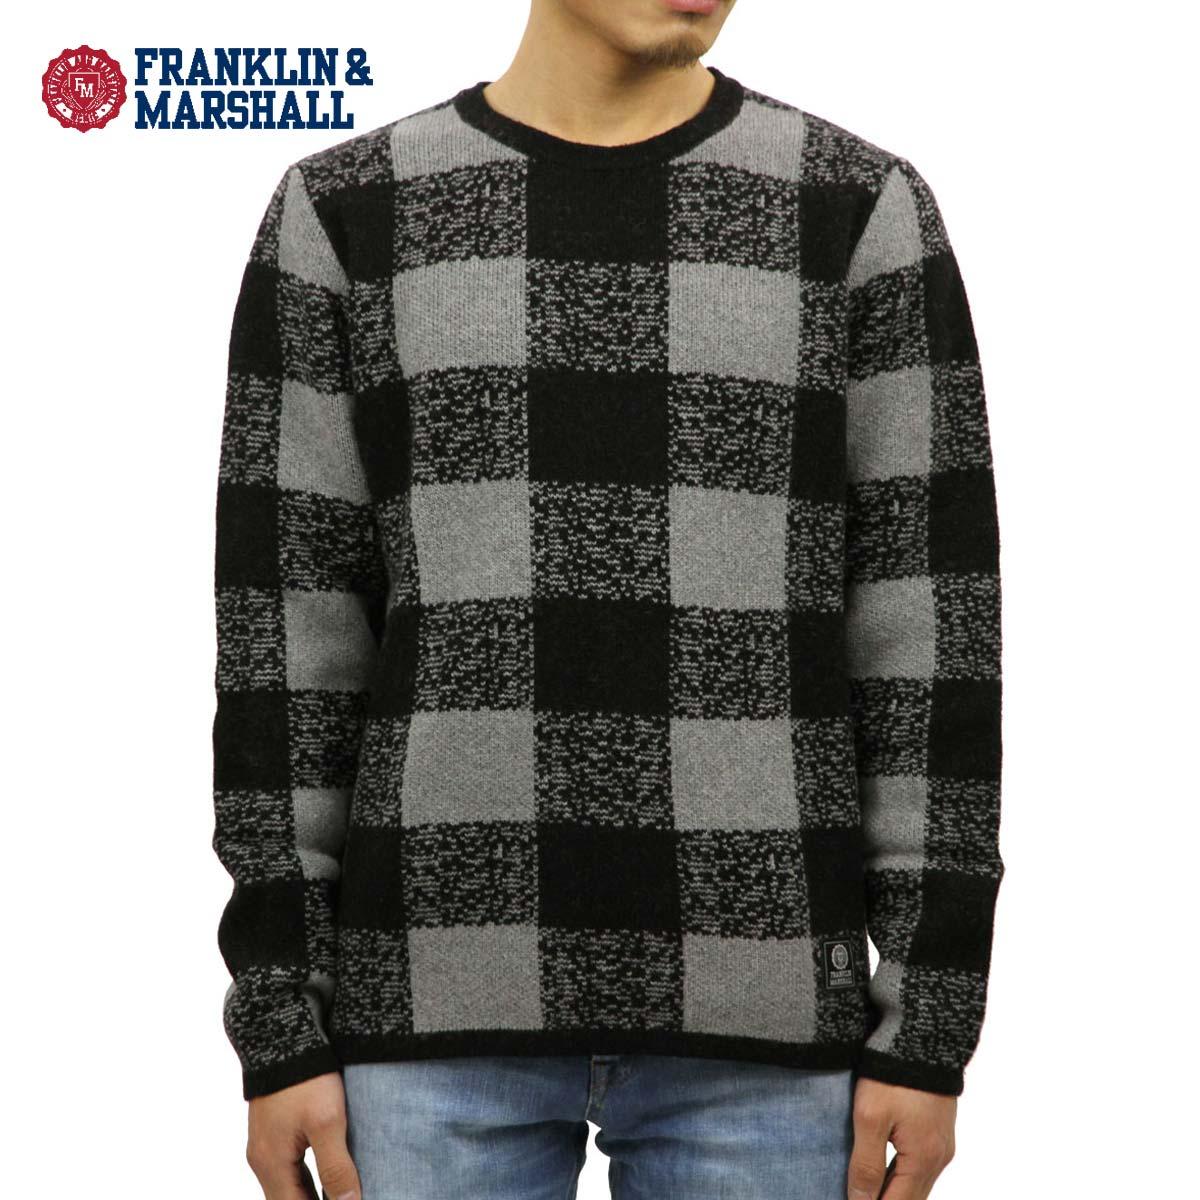 フランクリン マーシャル FRANKLIN&MARSHALL 正規販売店 メンズ セーター BUFFALO CHECK SWEATER GREY MELANGE KNMAL049AN 6025 D00S20